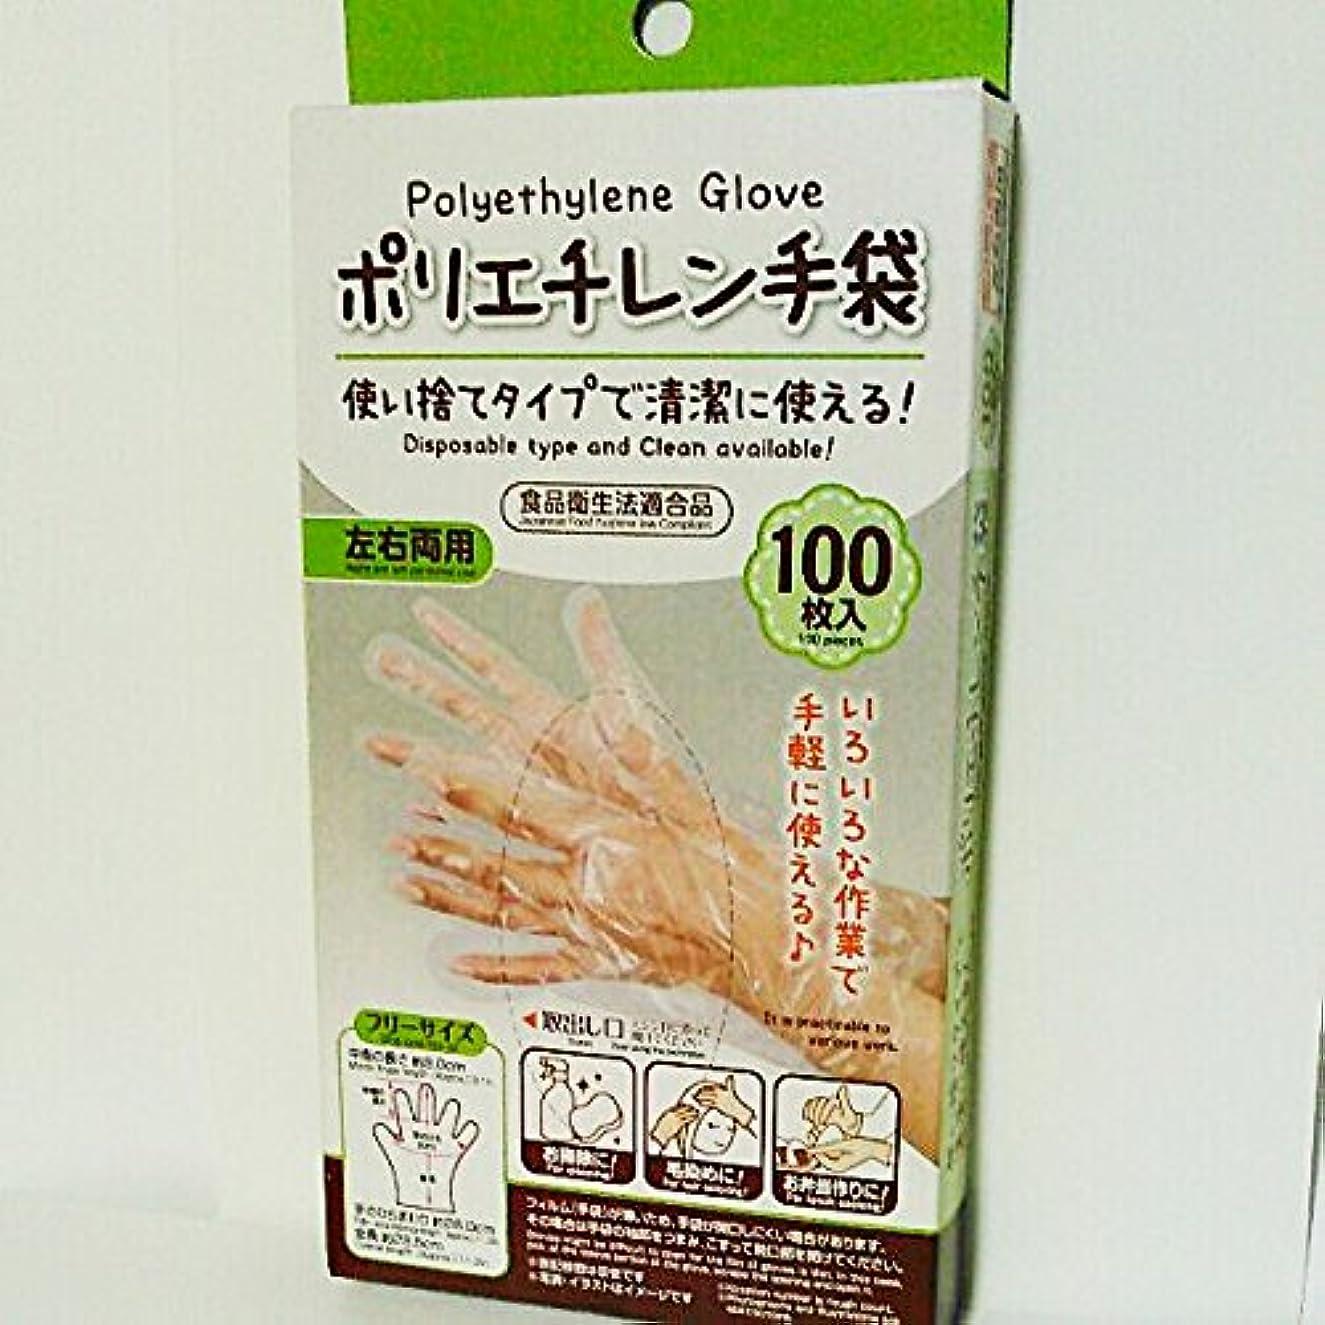 進化ピカソ浸食ポリエチレン手袋 100枚入り